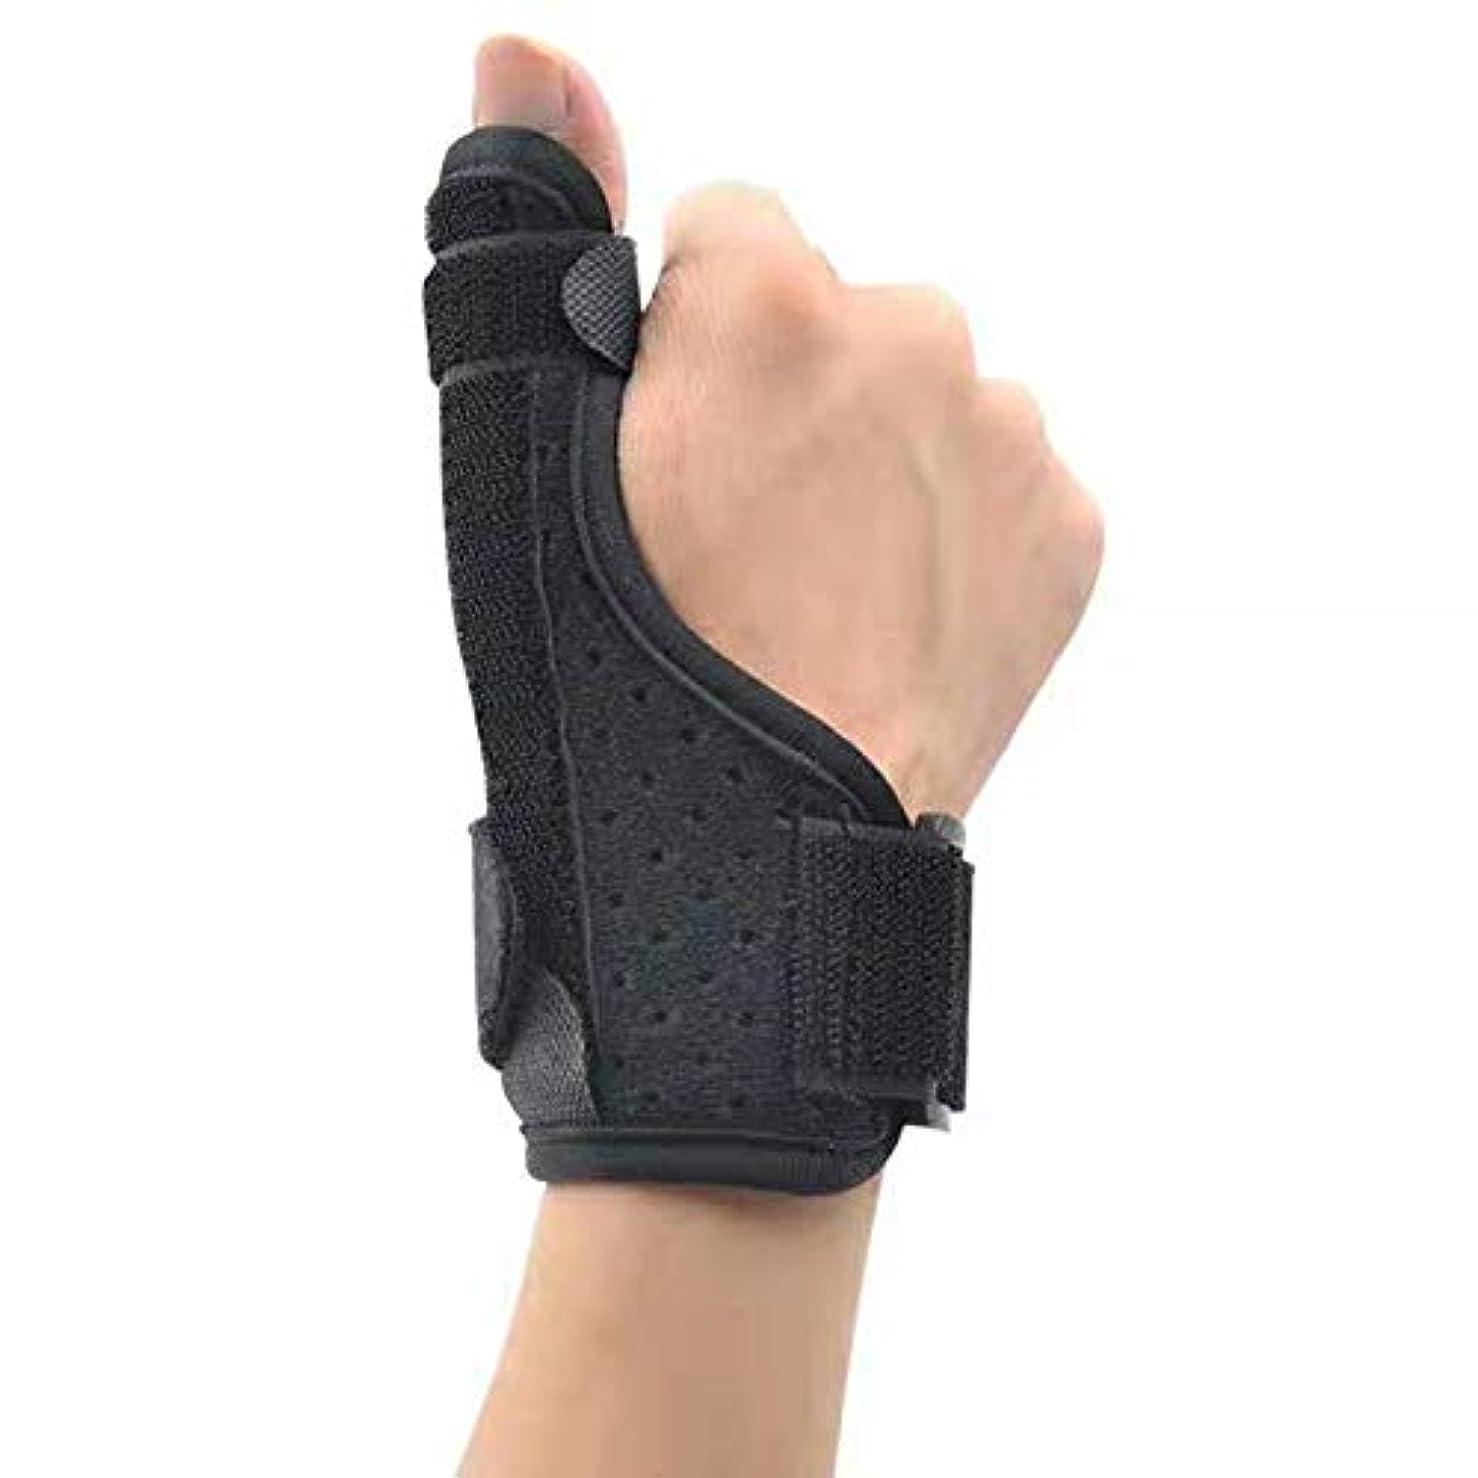 ハーネスミュートまた明日ね腱鞘炎トリガー手根管人の女性のために修正された唯一の1個手首のサポートサムスプリント手首ブレース指アーマー親指捻挫破壊